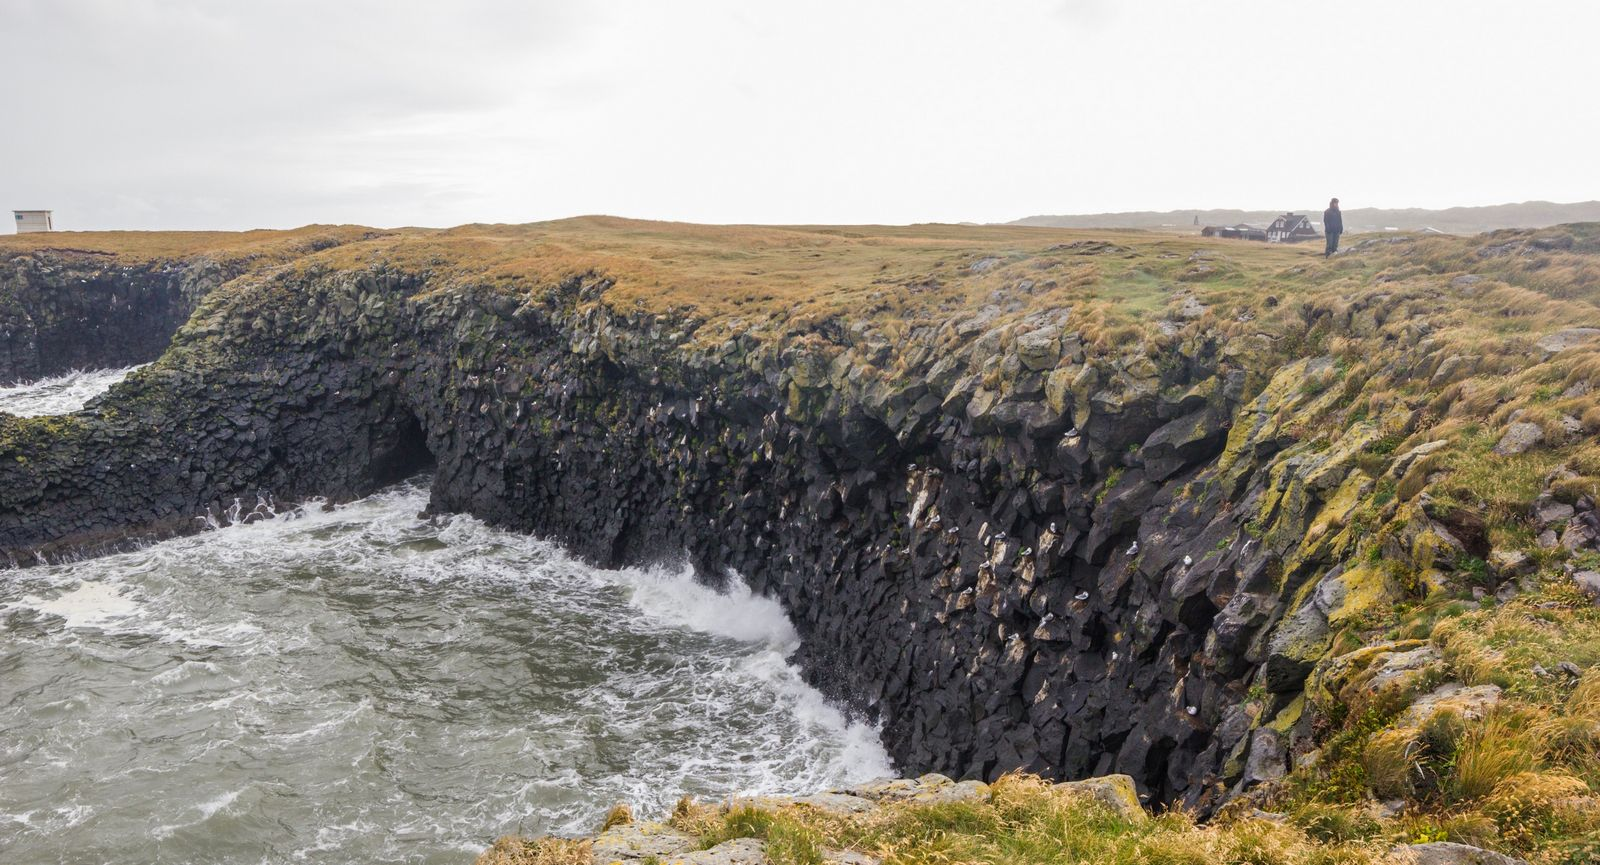 Basalto, basalto por todas partes